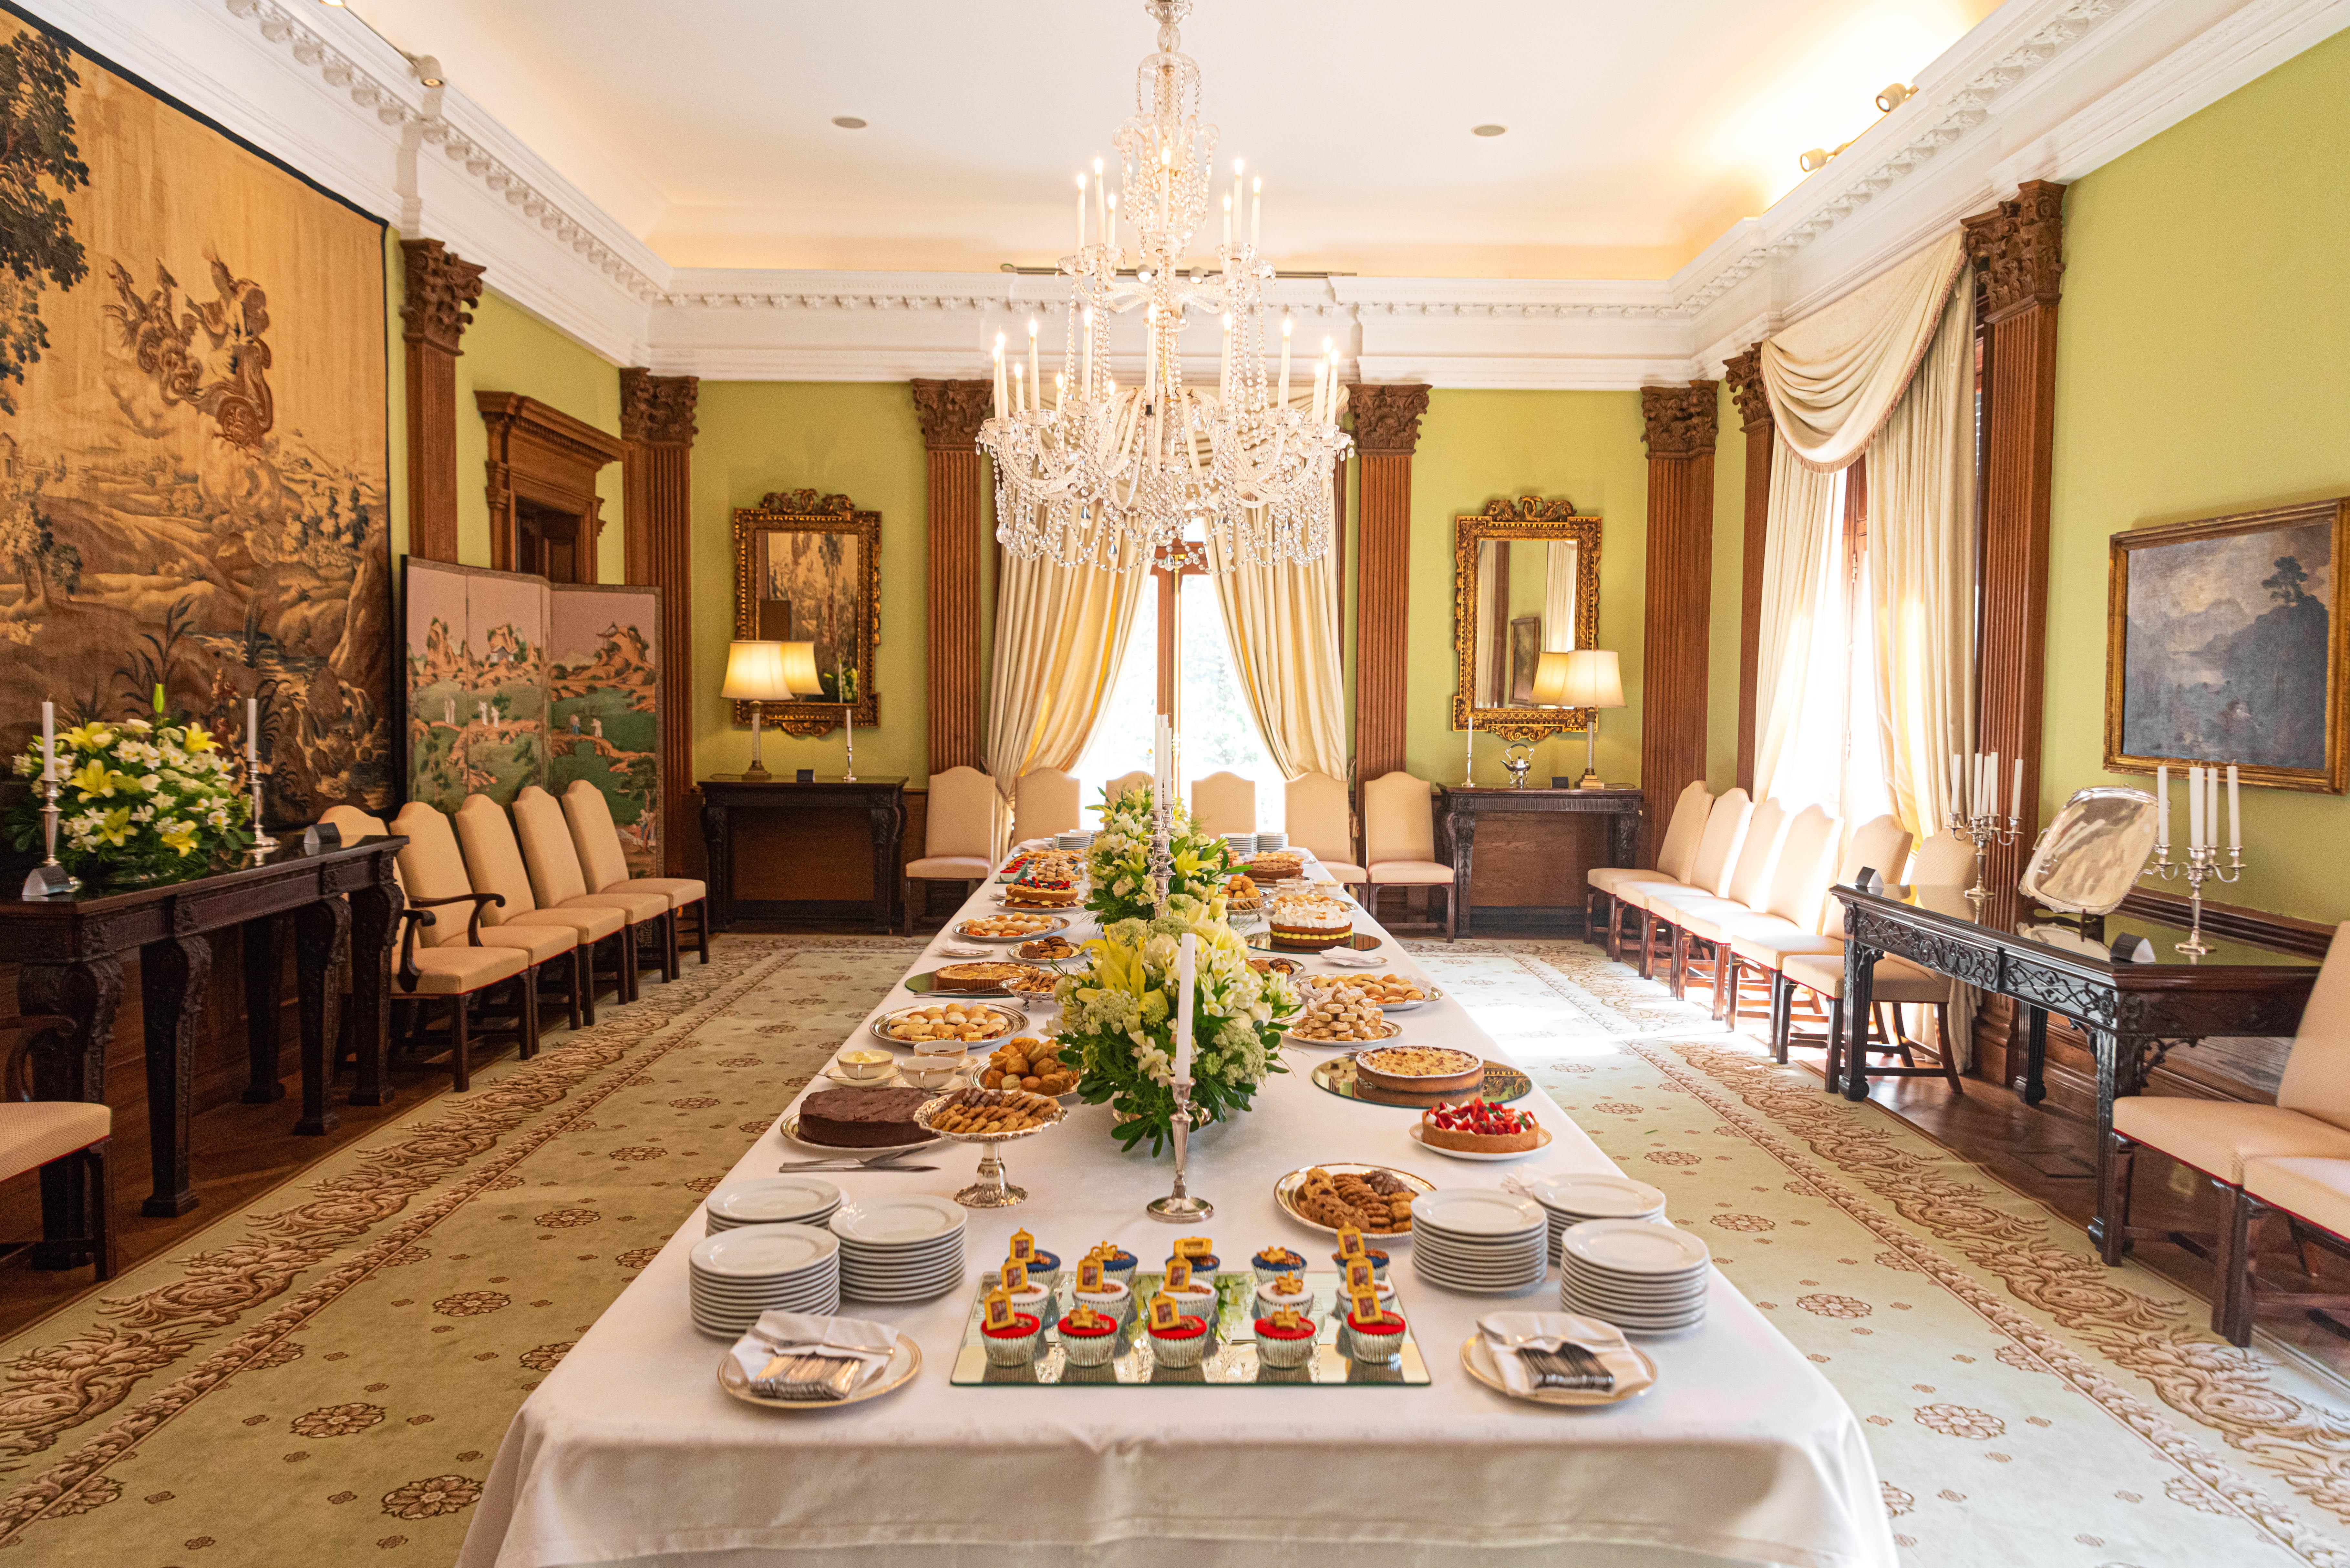 La imponente mesa preparada para recibir a los invitados